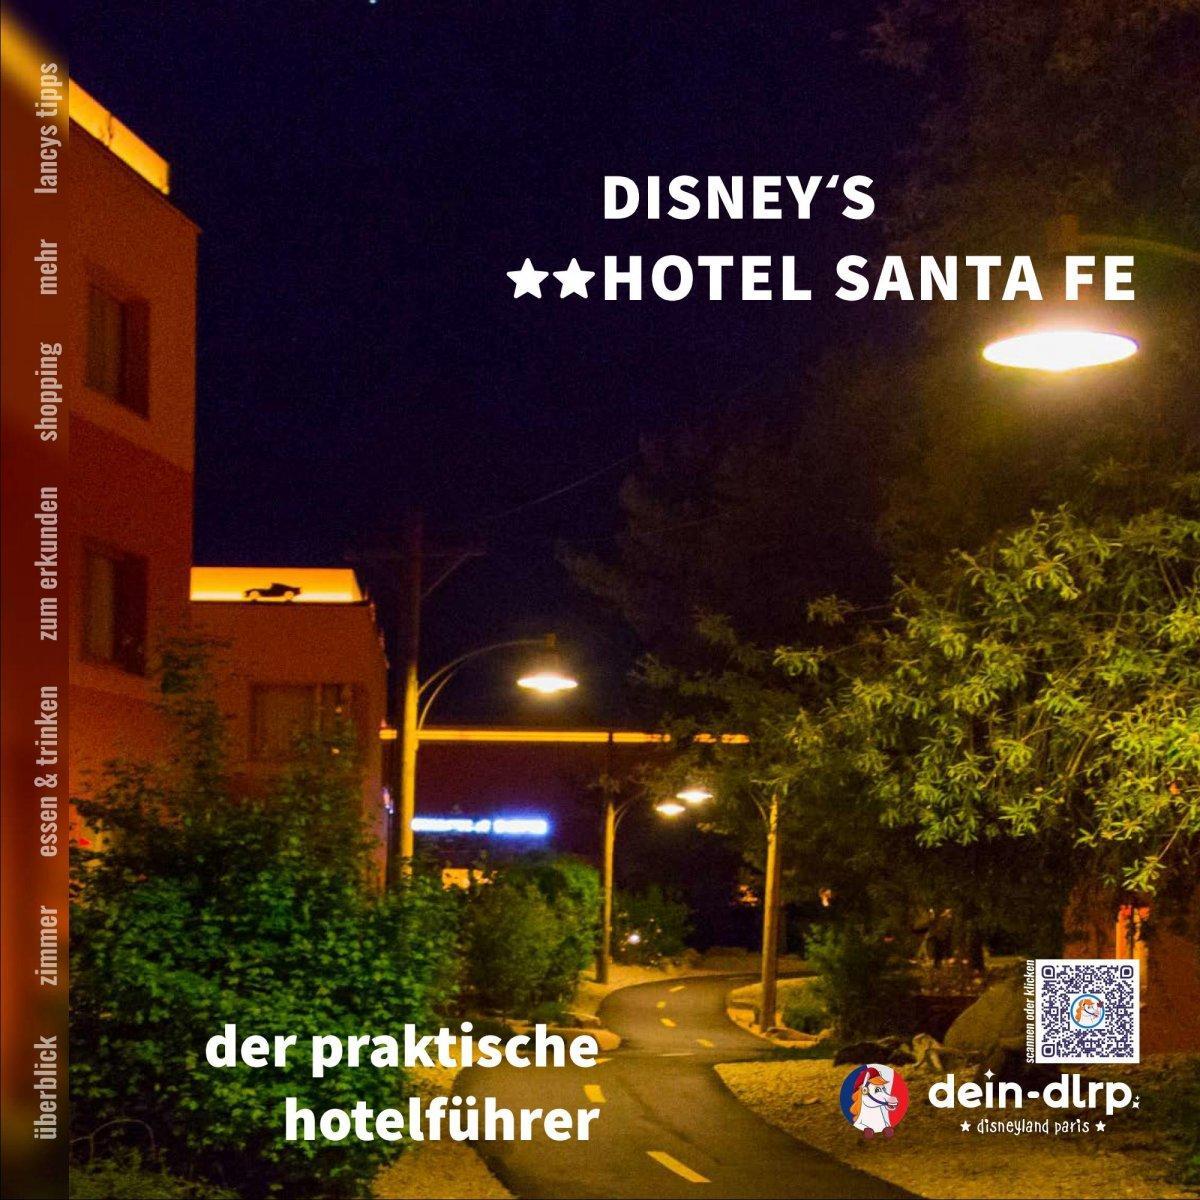 disneys-hotel-santa-fe-hotel-fuehrer_01.jpg